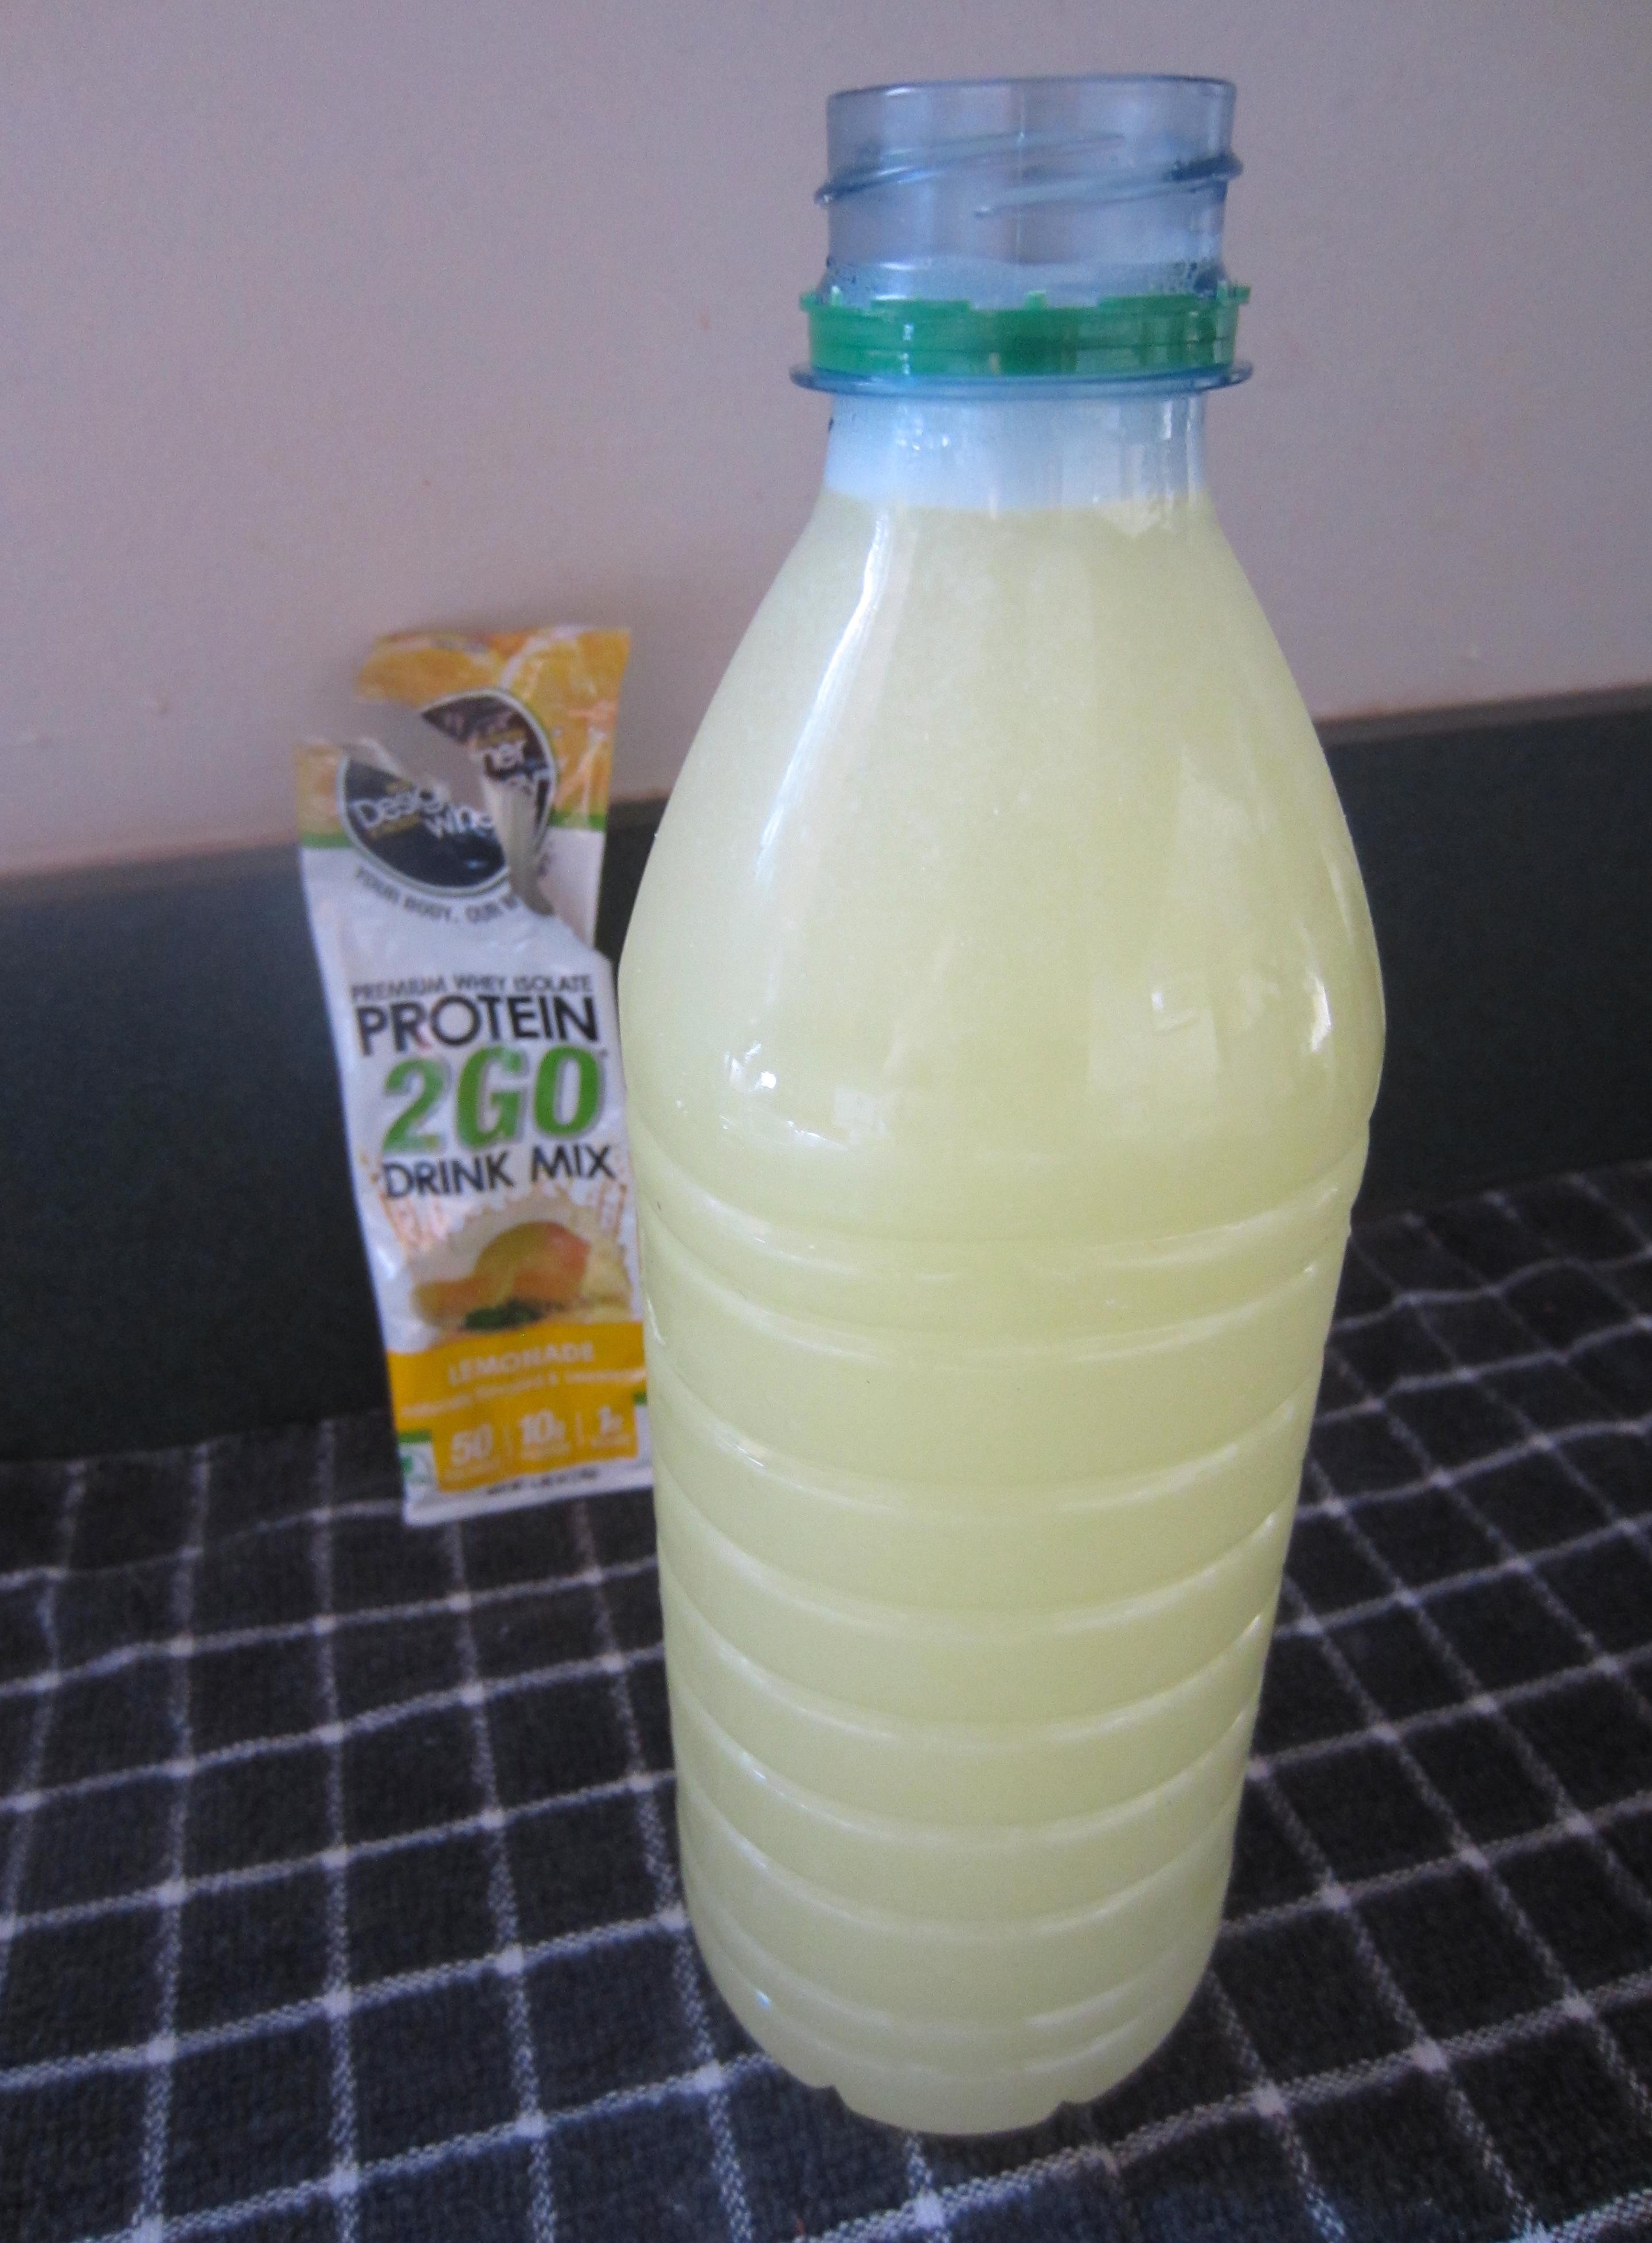 Designer Whey lemon protein 2Go